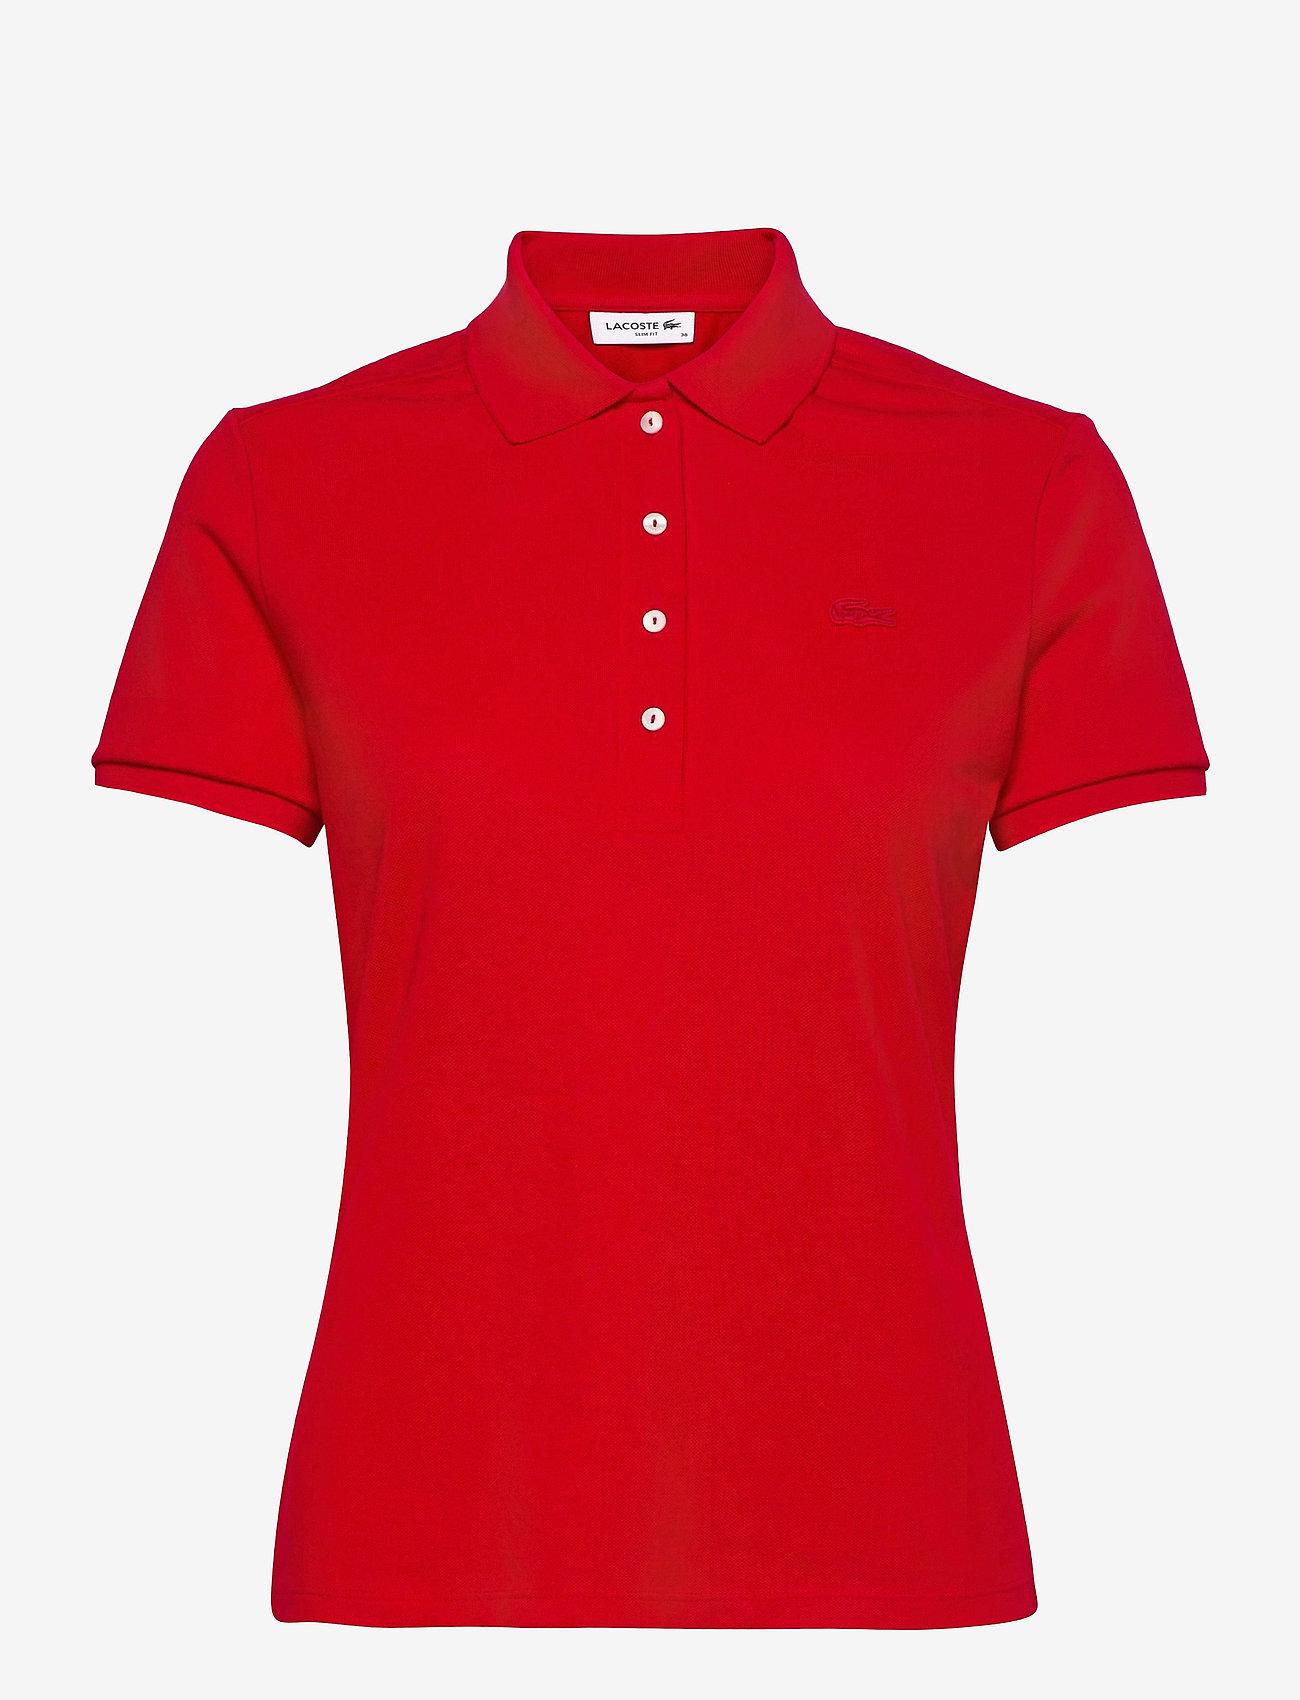 Lacoste - Women s S/S polo - polohemden - red - 0